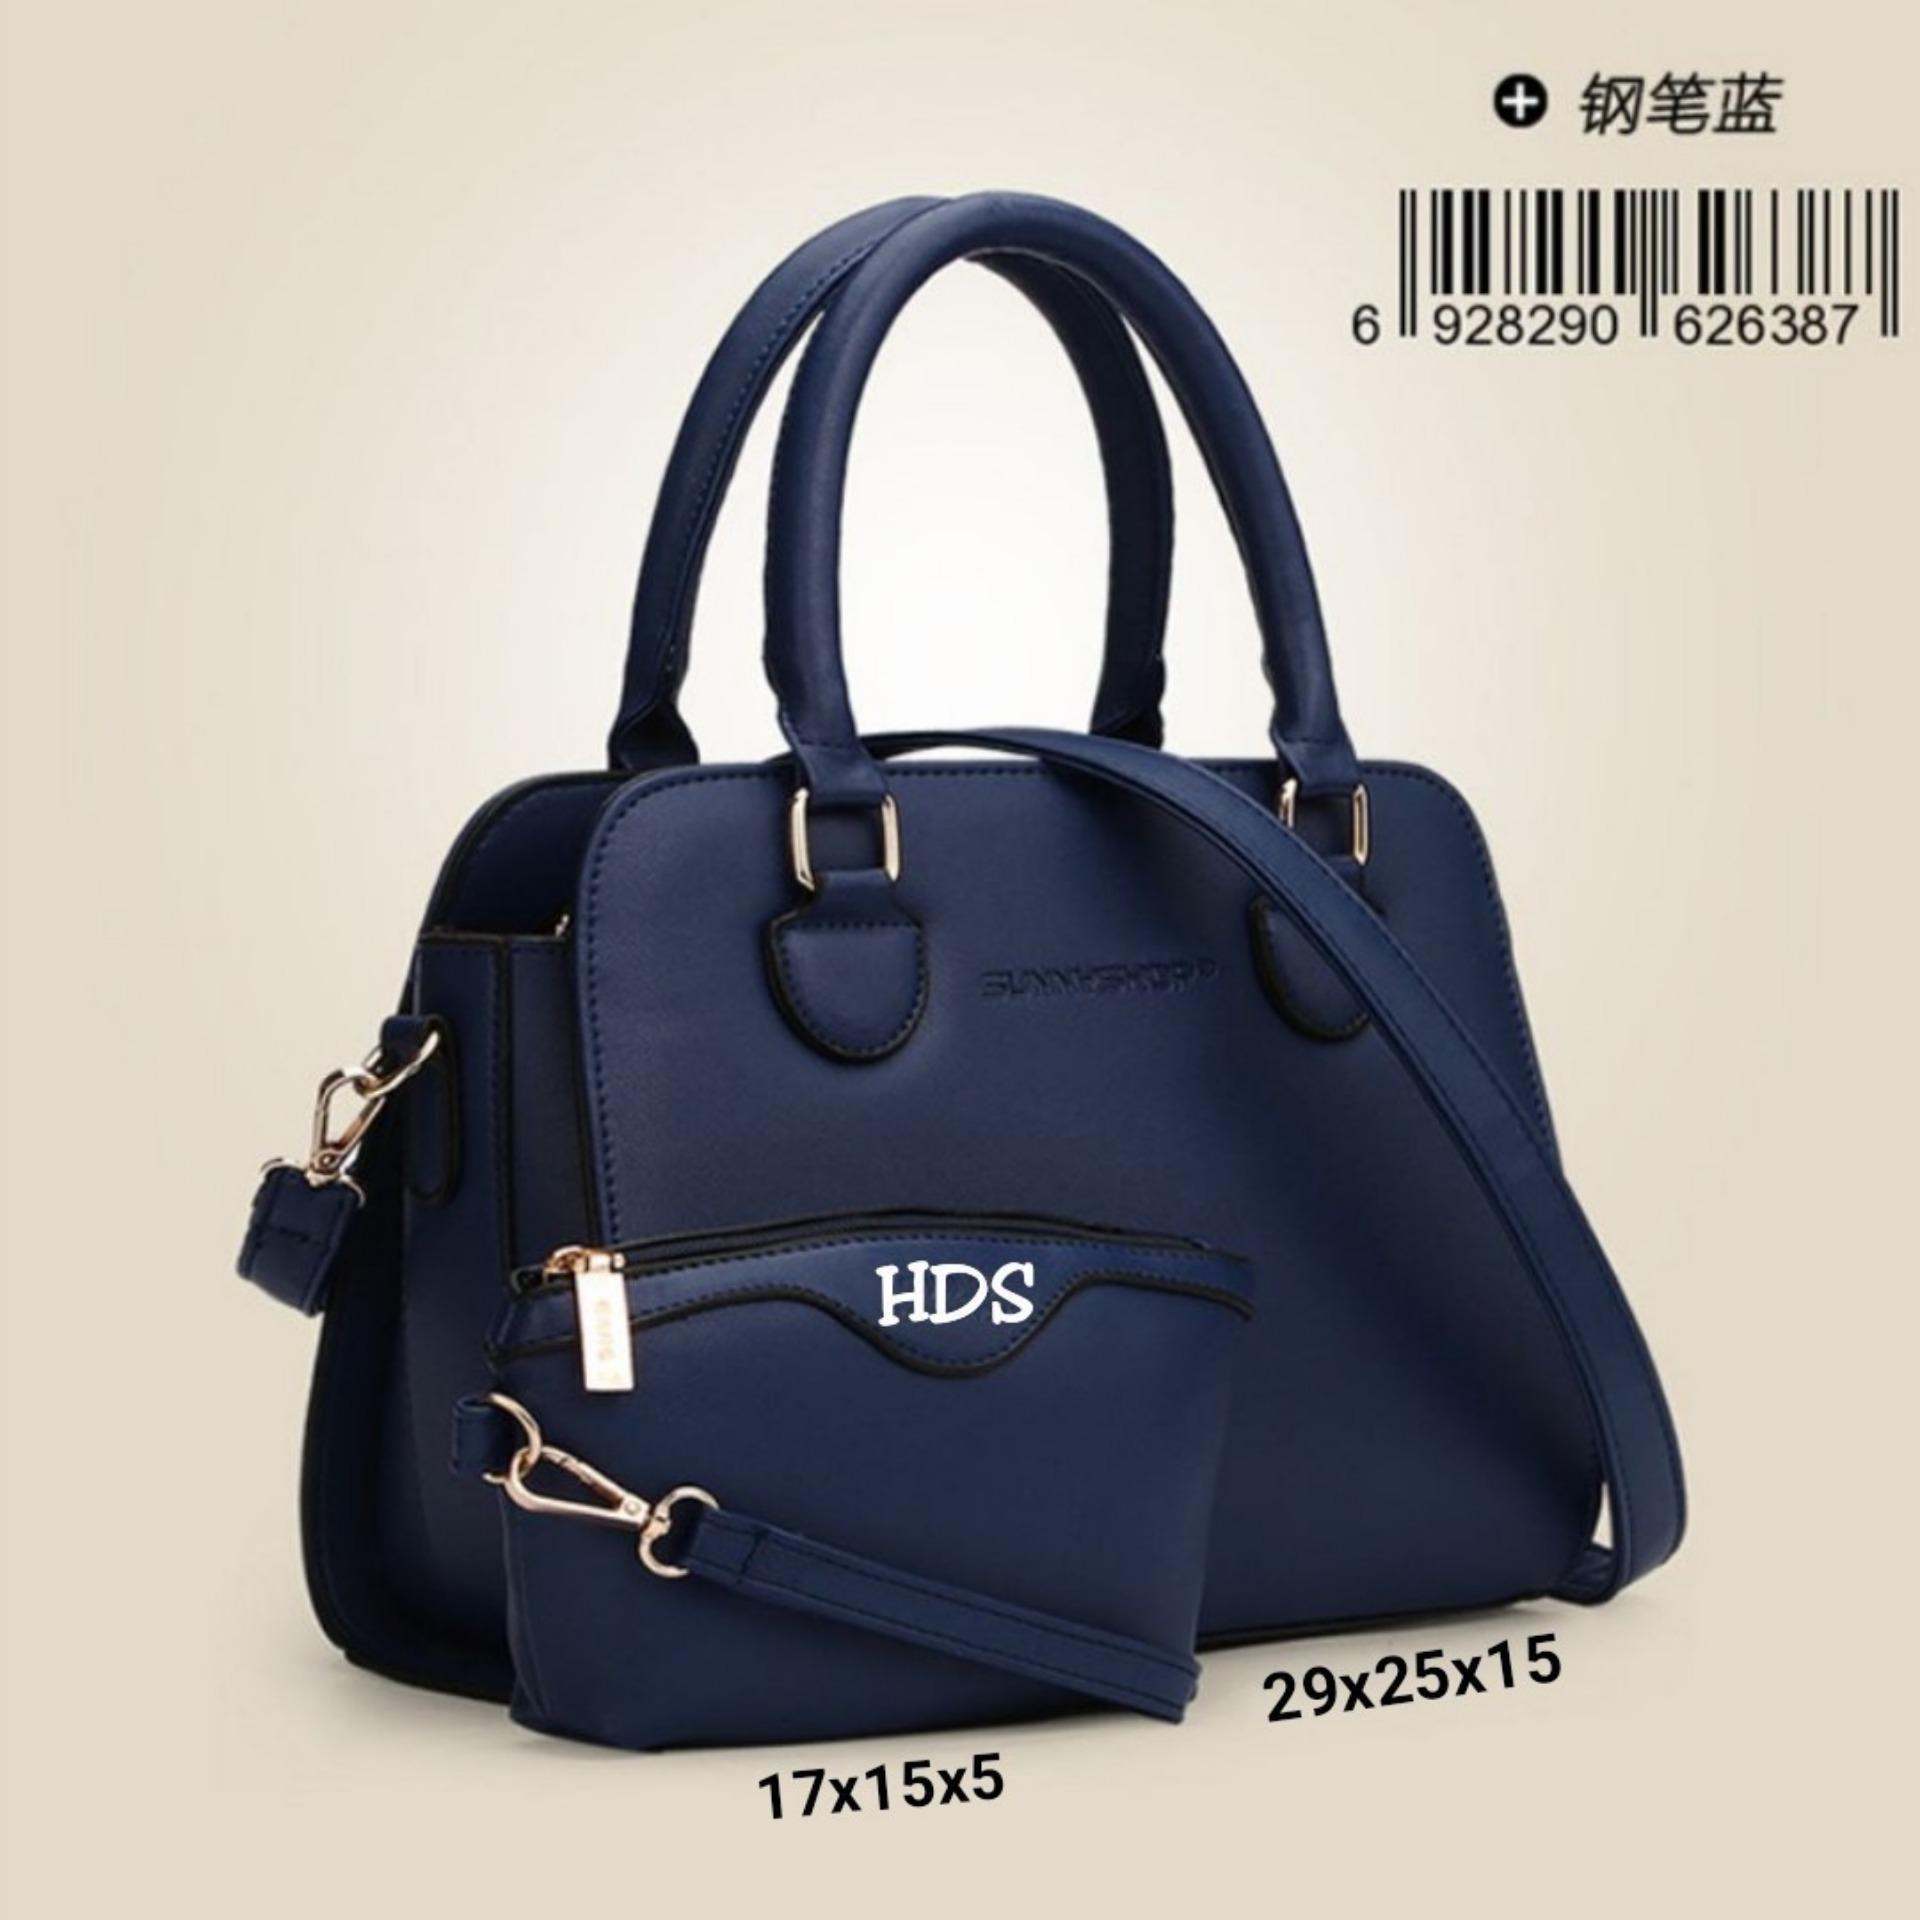 Amaryllis Sling Bag Korean Style MK / Tas Selempang Wanita Korean Style